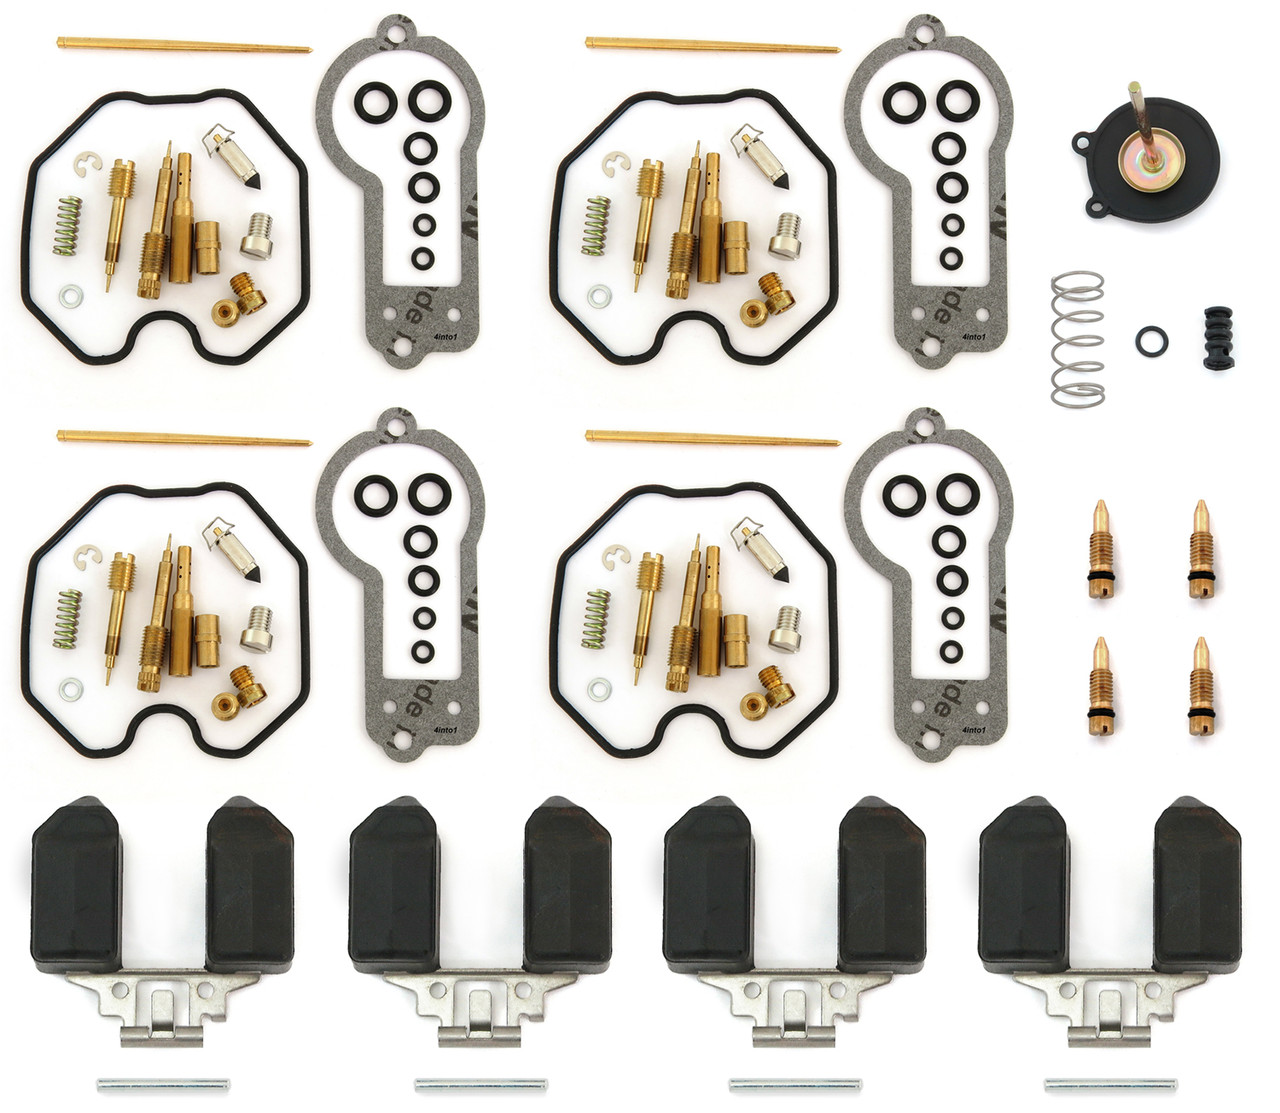 KIPA 4-Pack Carburetor Carb Rebuild Repair Kit for Honda CB750 CB750C CB750K CB750SC 1980-1983